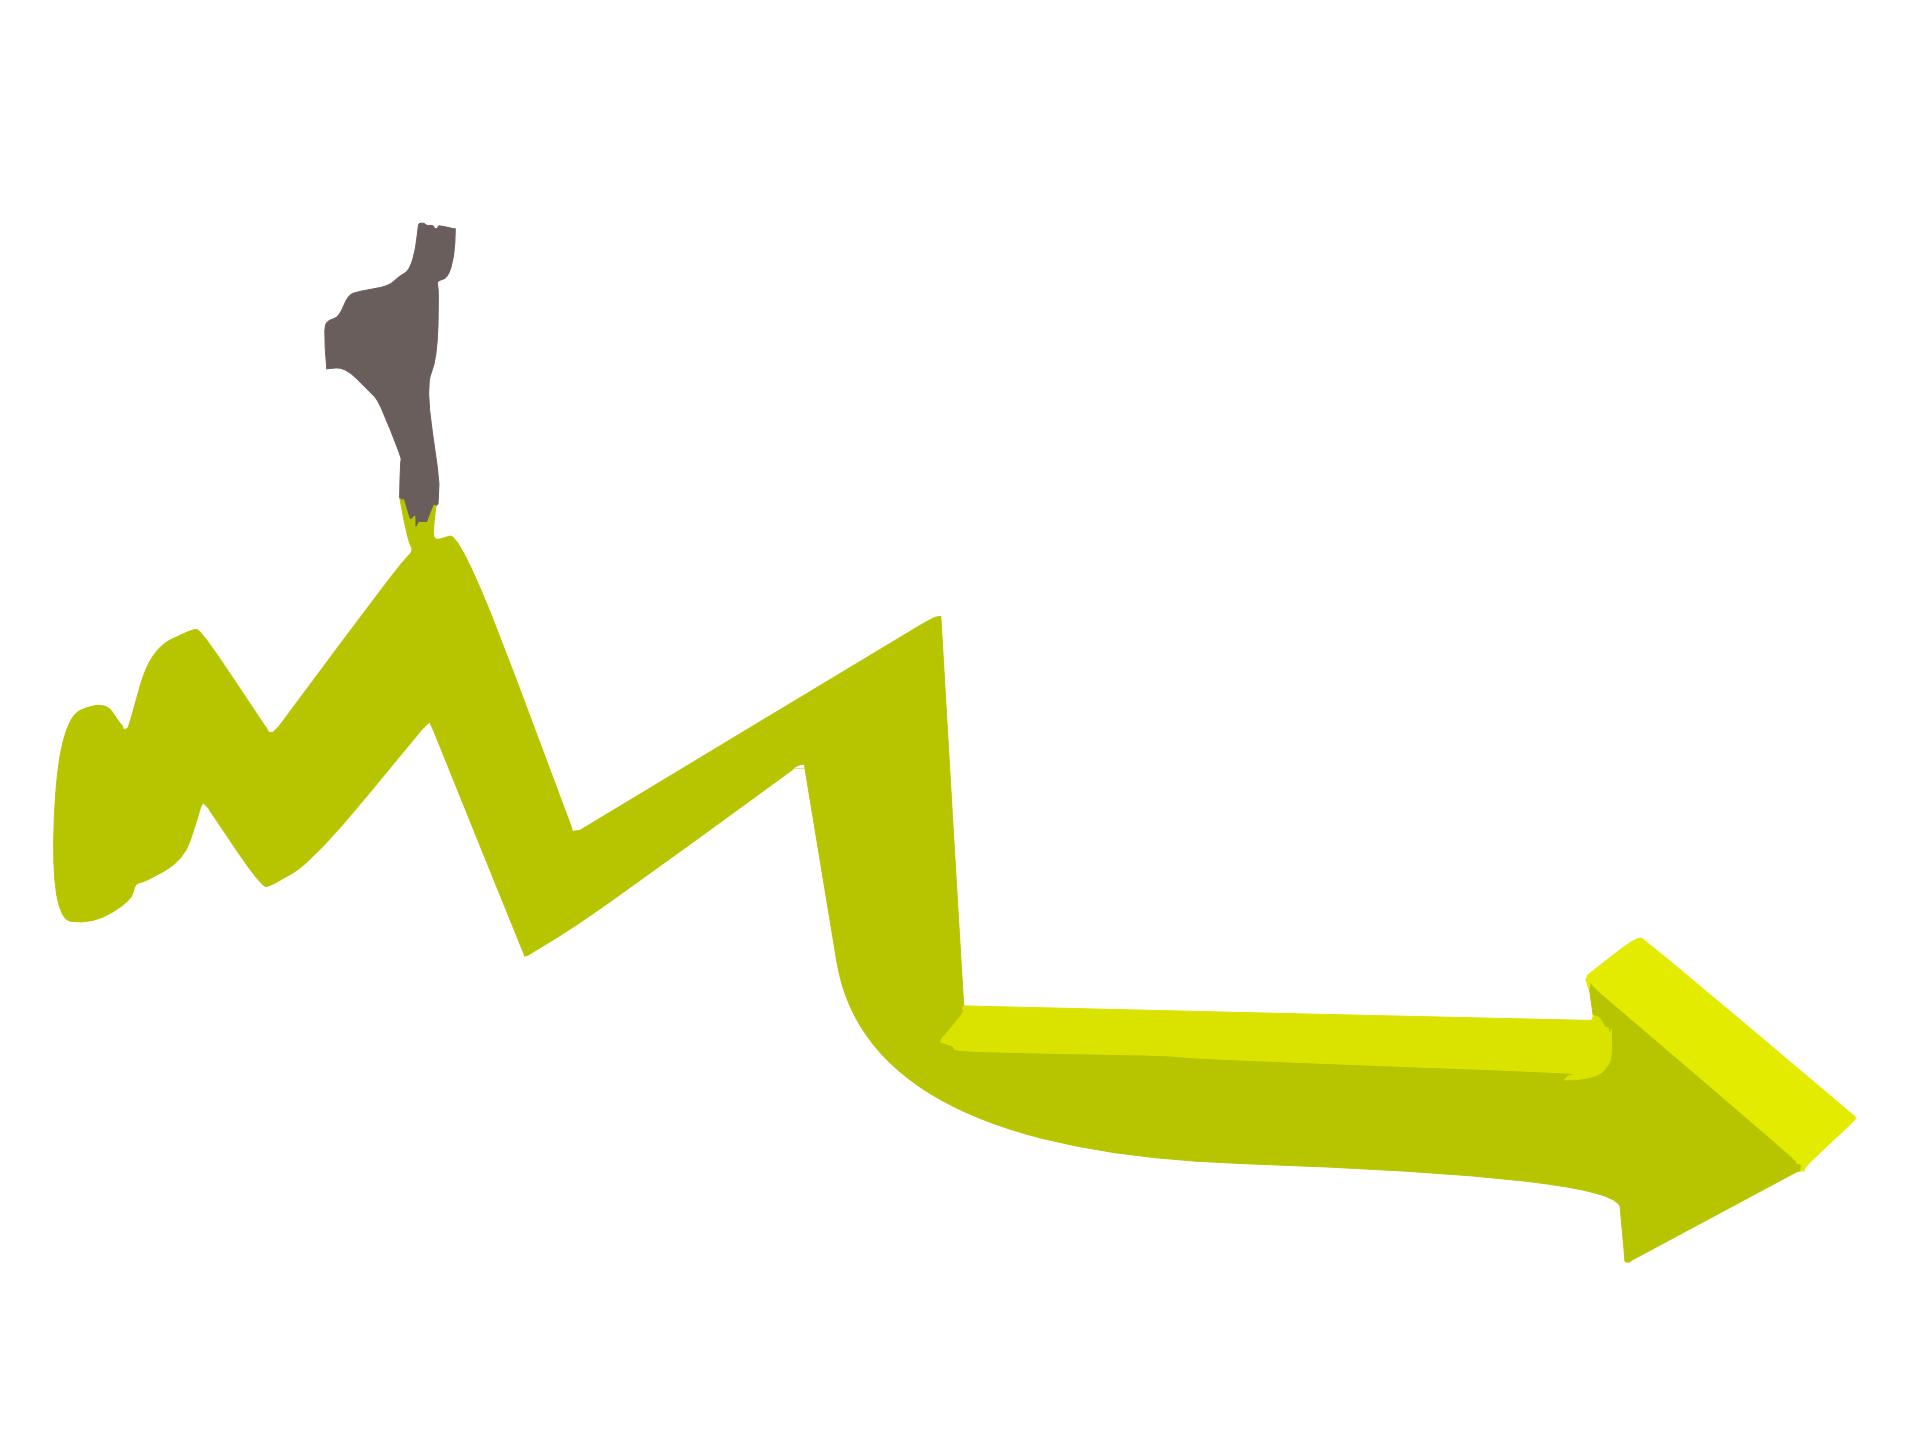 Graph curve trend diagram data image 1920x1440